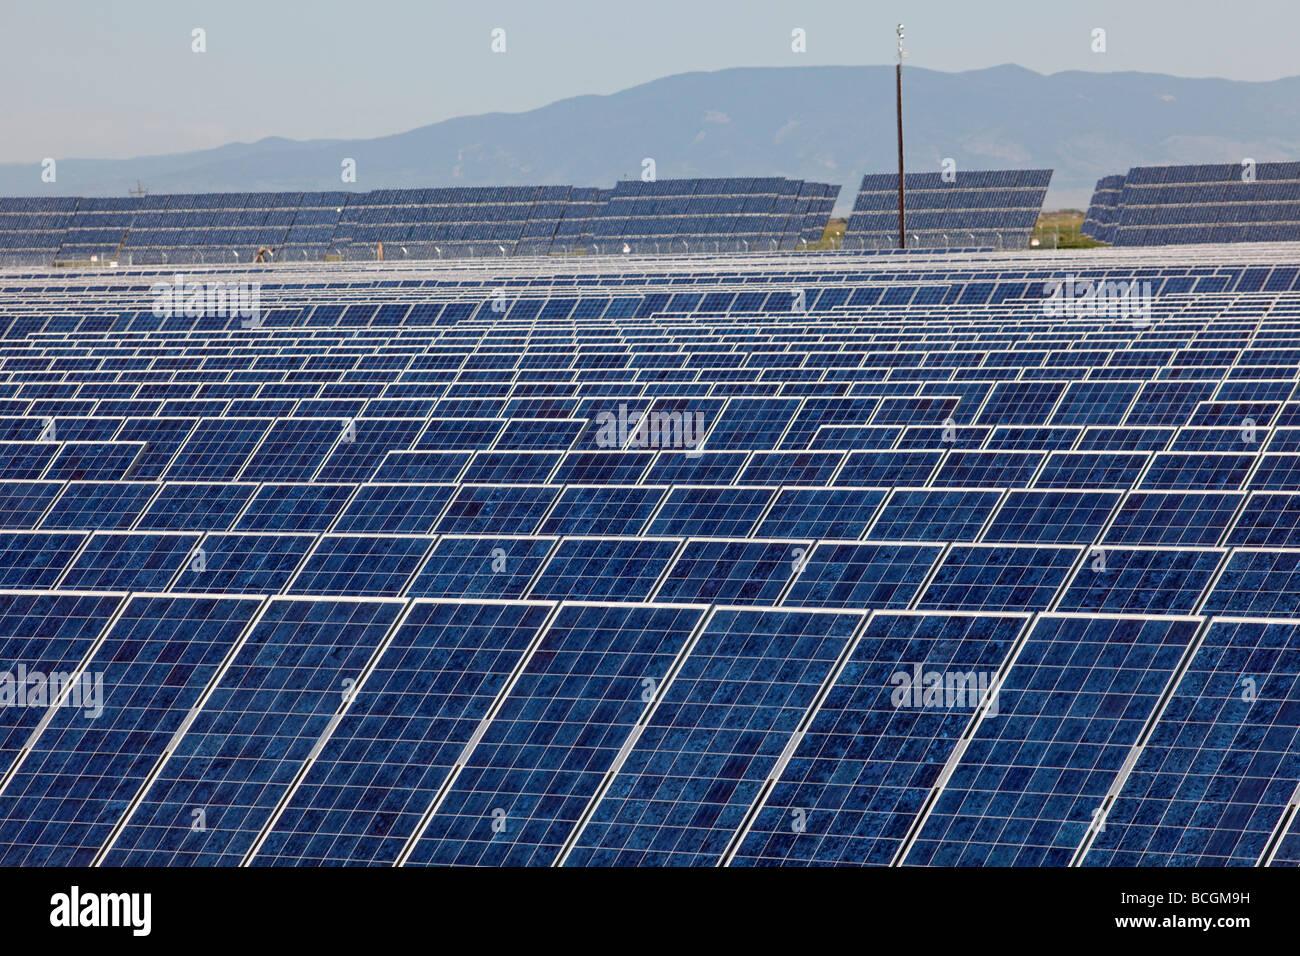 Les capteurs solaires photovoltaïques à la plus grande centrale photovoltaïque de l'United States Photo Stock